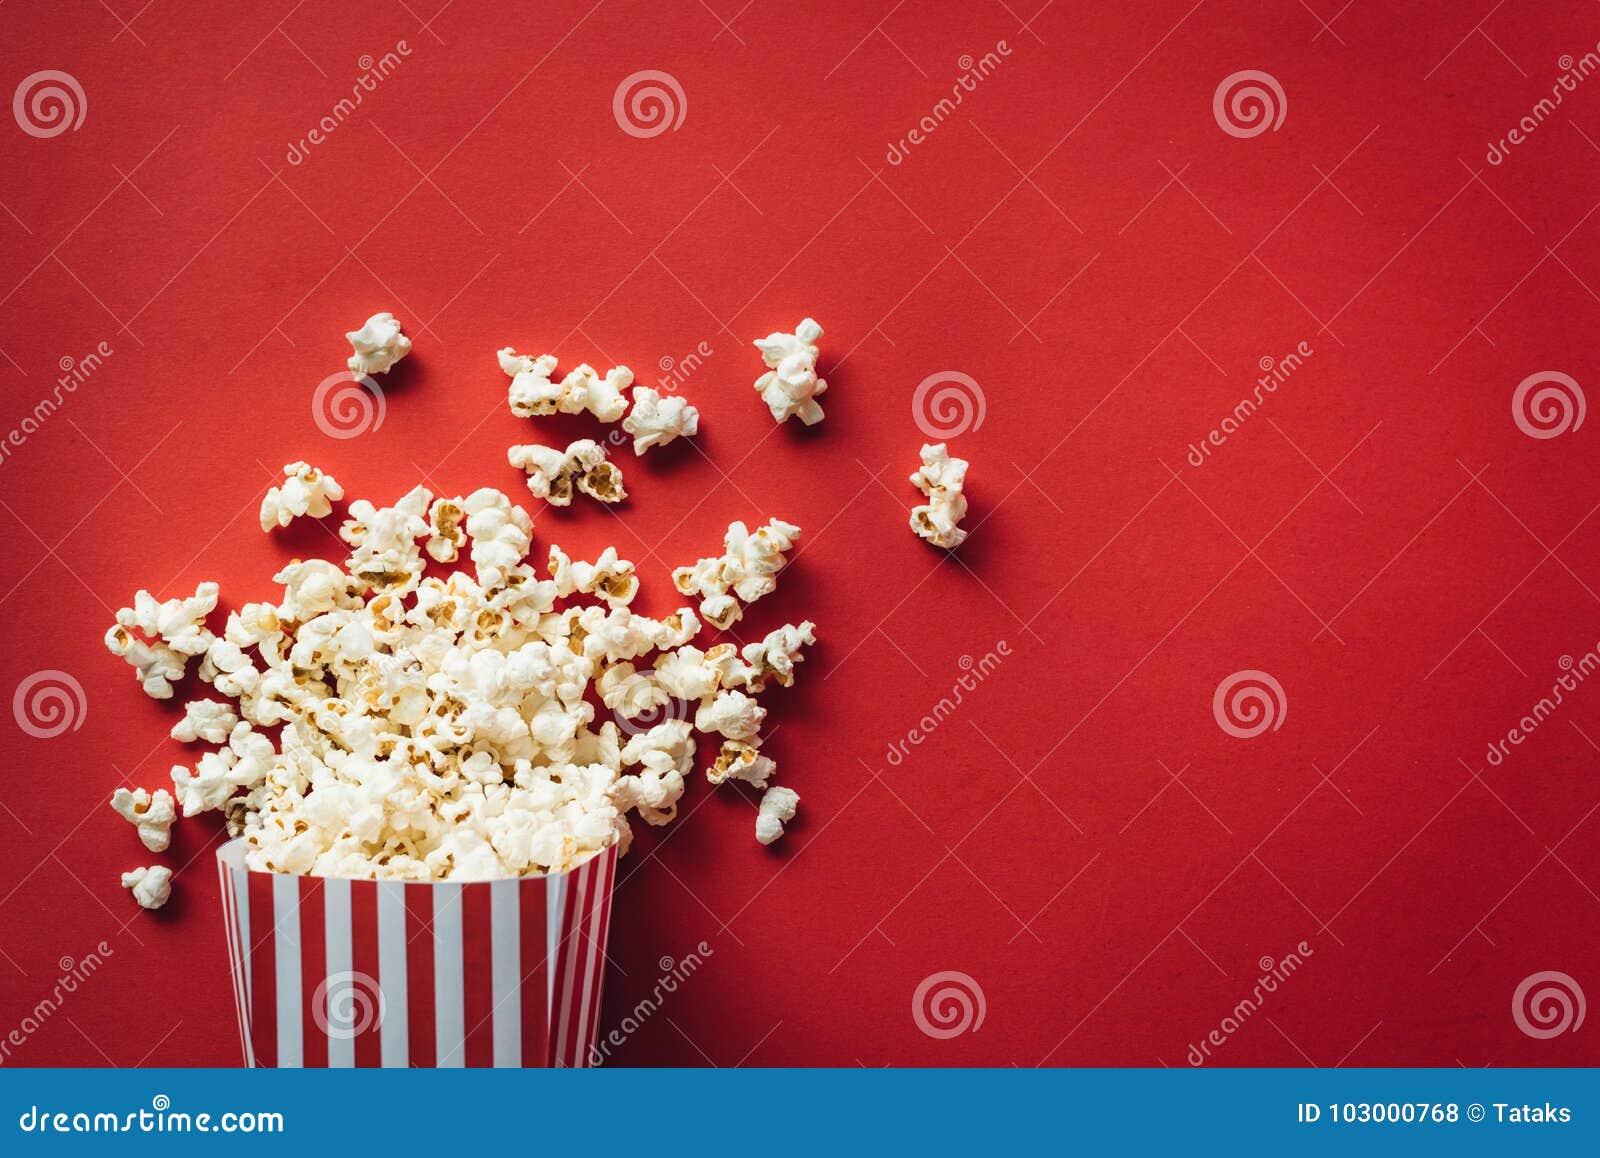 Gestreifter Kasten mit Popcorn